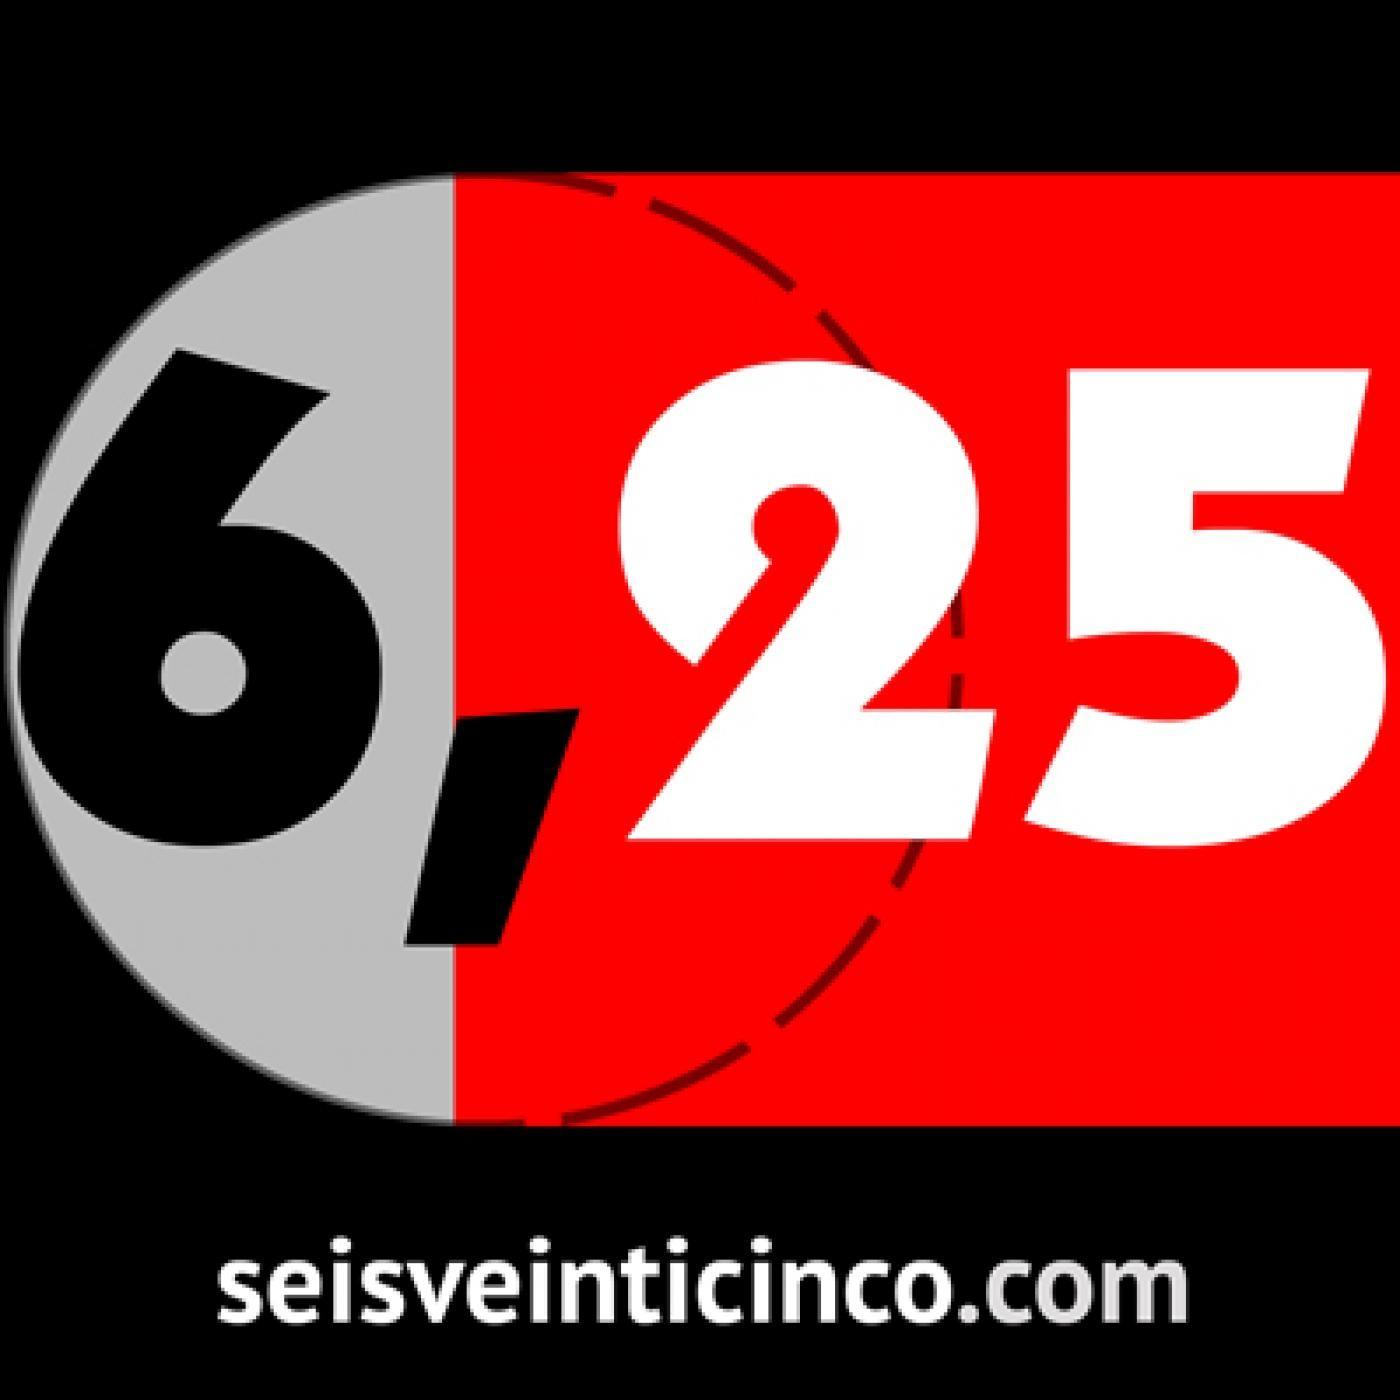 <![CDATA[ 6,25 - Seisveinticinco.com - baloncesto]]>